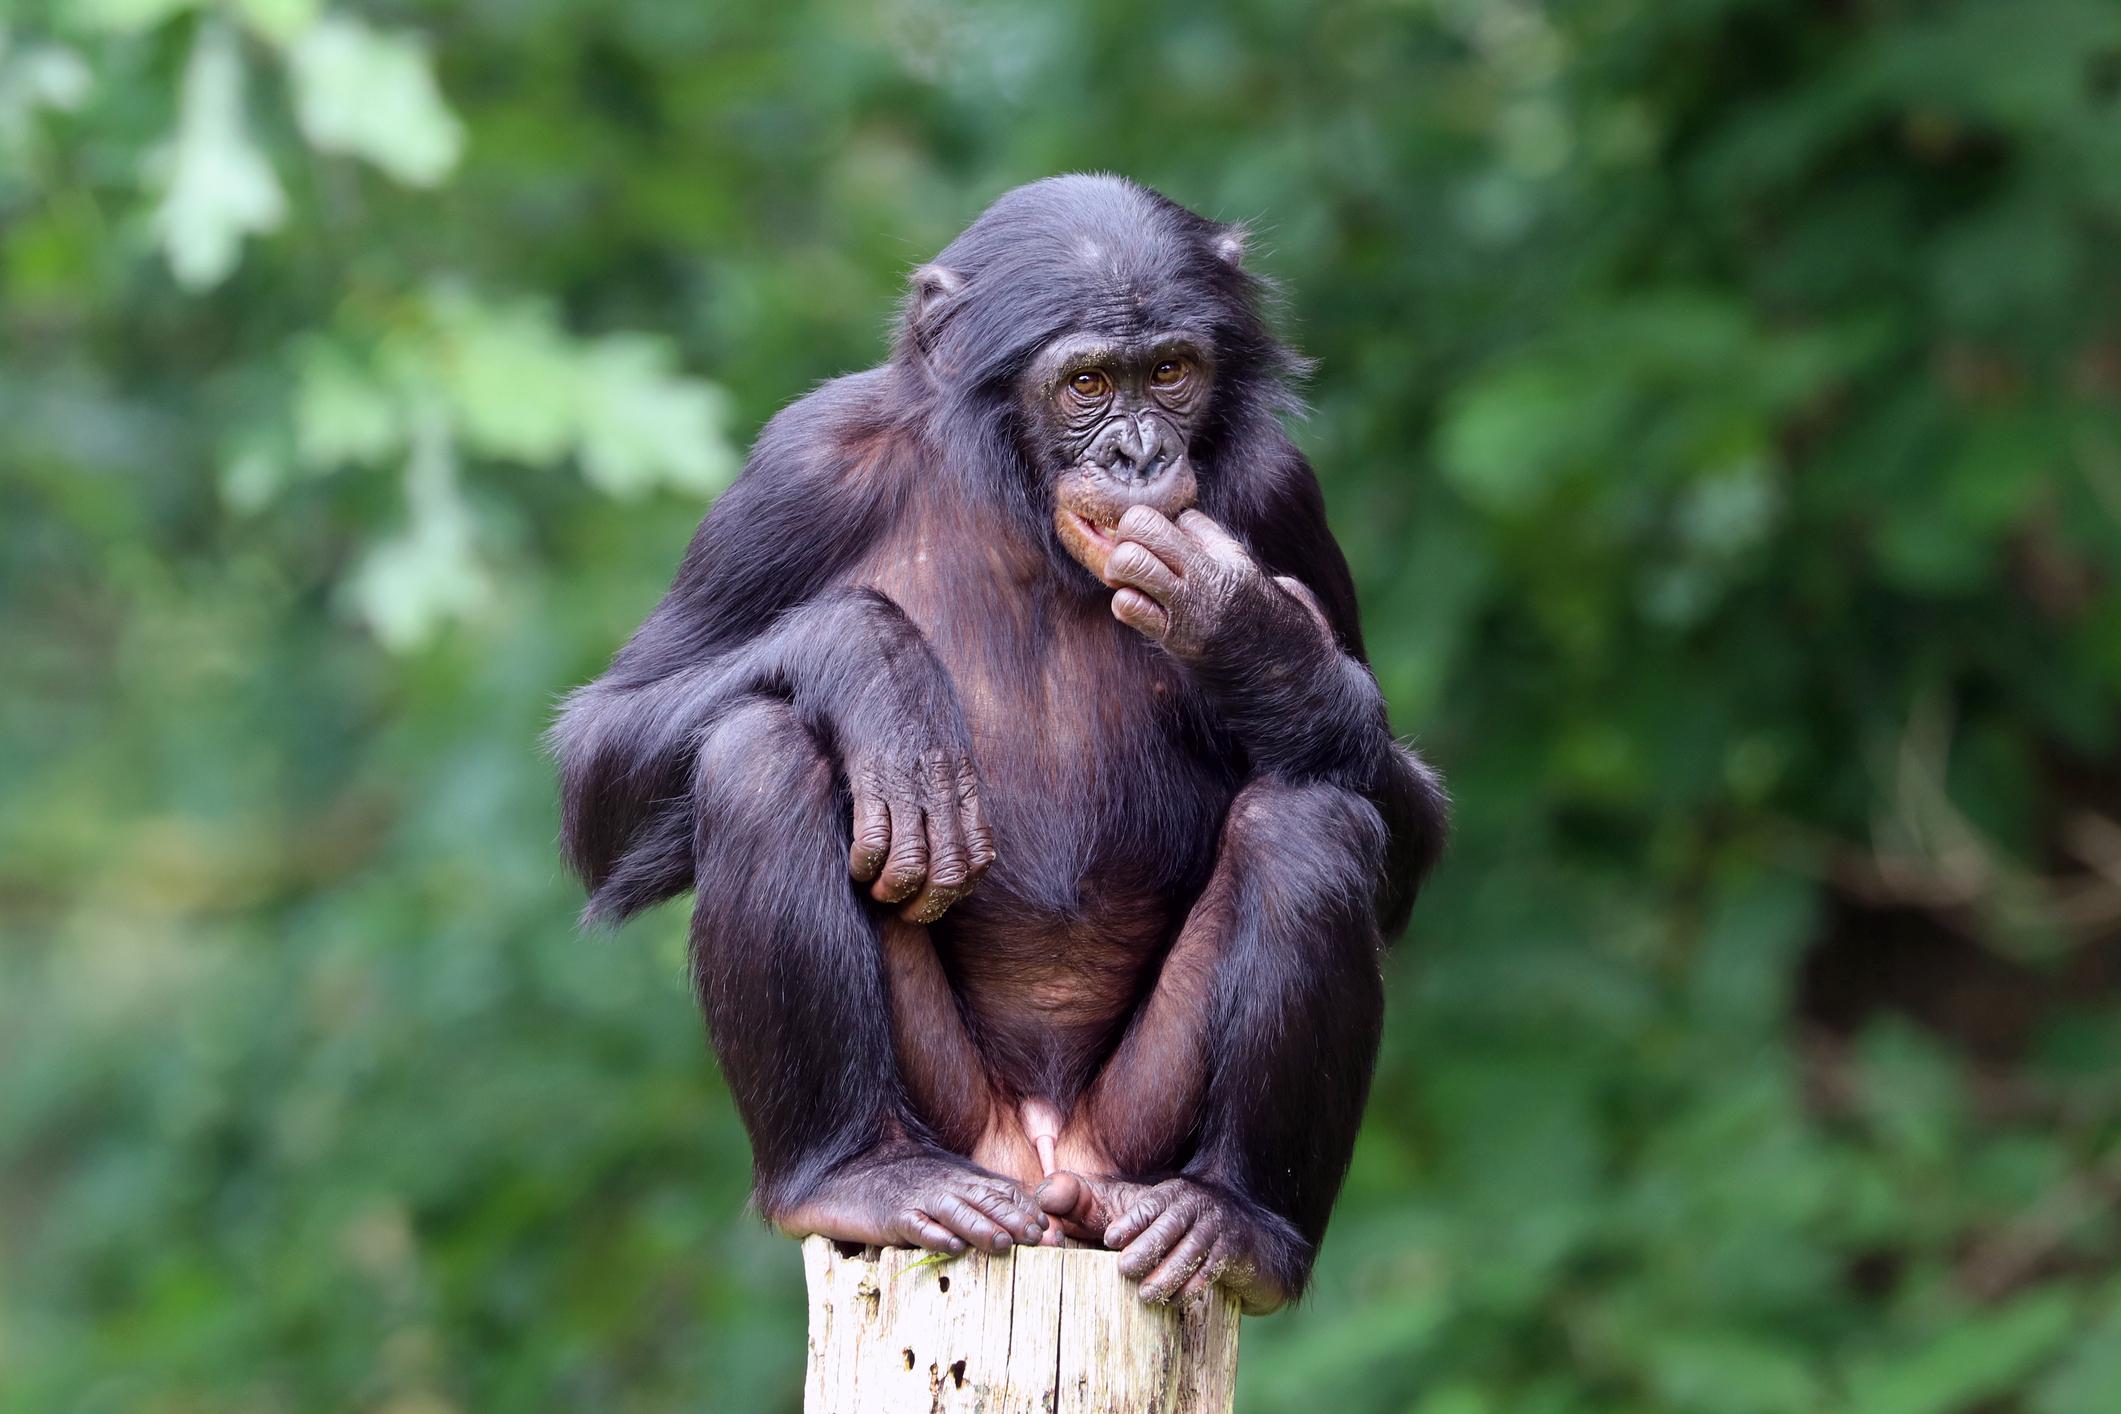 Други примати обаче, като бонобото и западната горила, са изключително миролюбиви. Много нисък процент на убийства има при индийските носорози, тигрите, африканския слон и прилепите вампири. Животни като зебрите и газелата на Томпсън и някои видове прилепи въобще не се избиват.